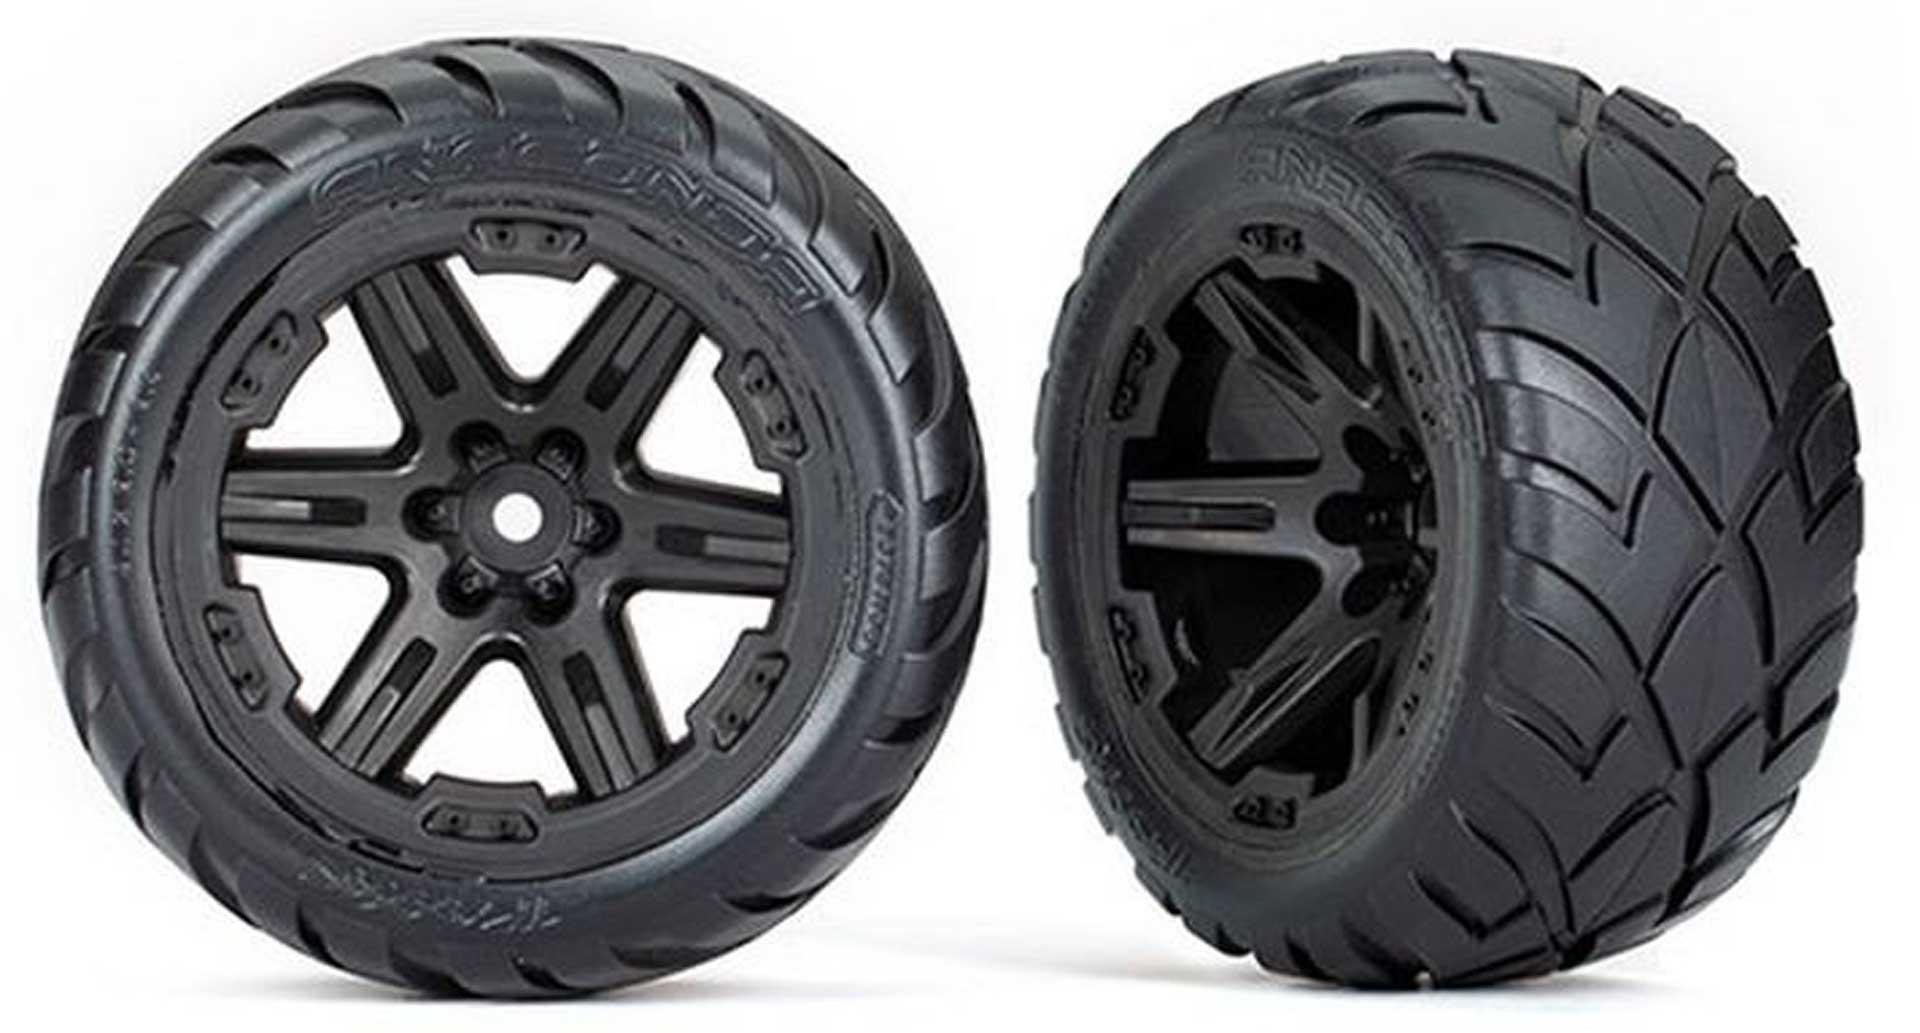 TRAXXAS REIFEN AUF FELGE 2.8 RXT SCHWARZ / ANACONDA (TSM RATED) TRAXXAS 4WD V/H 2WD V